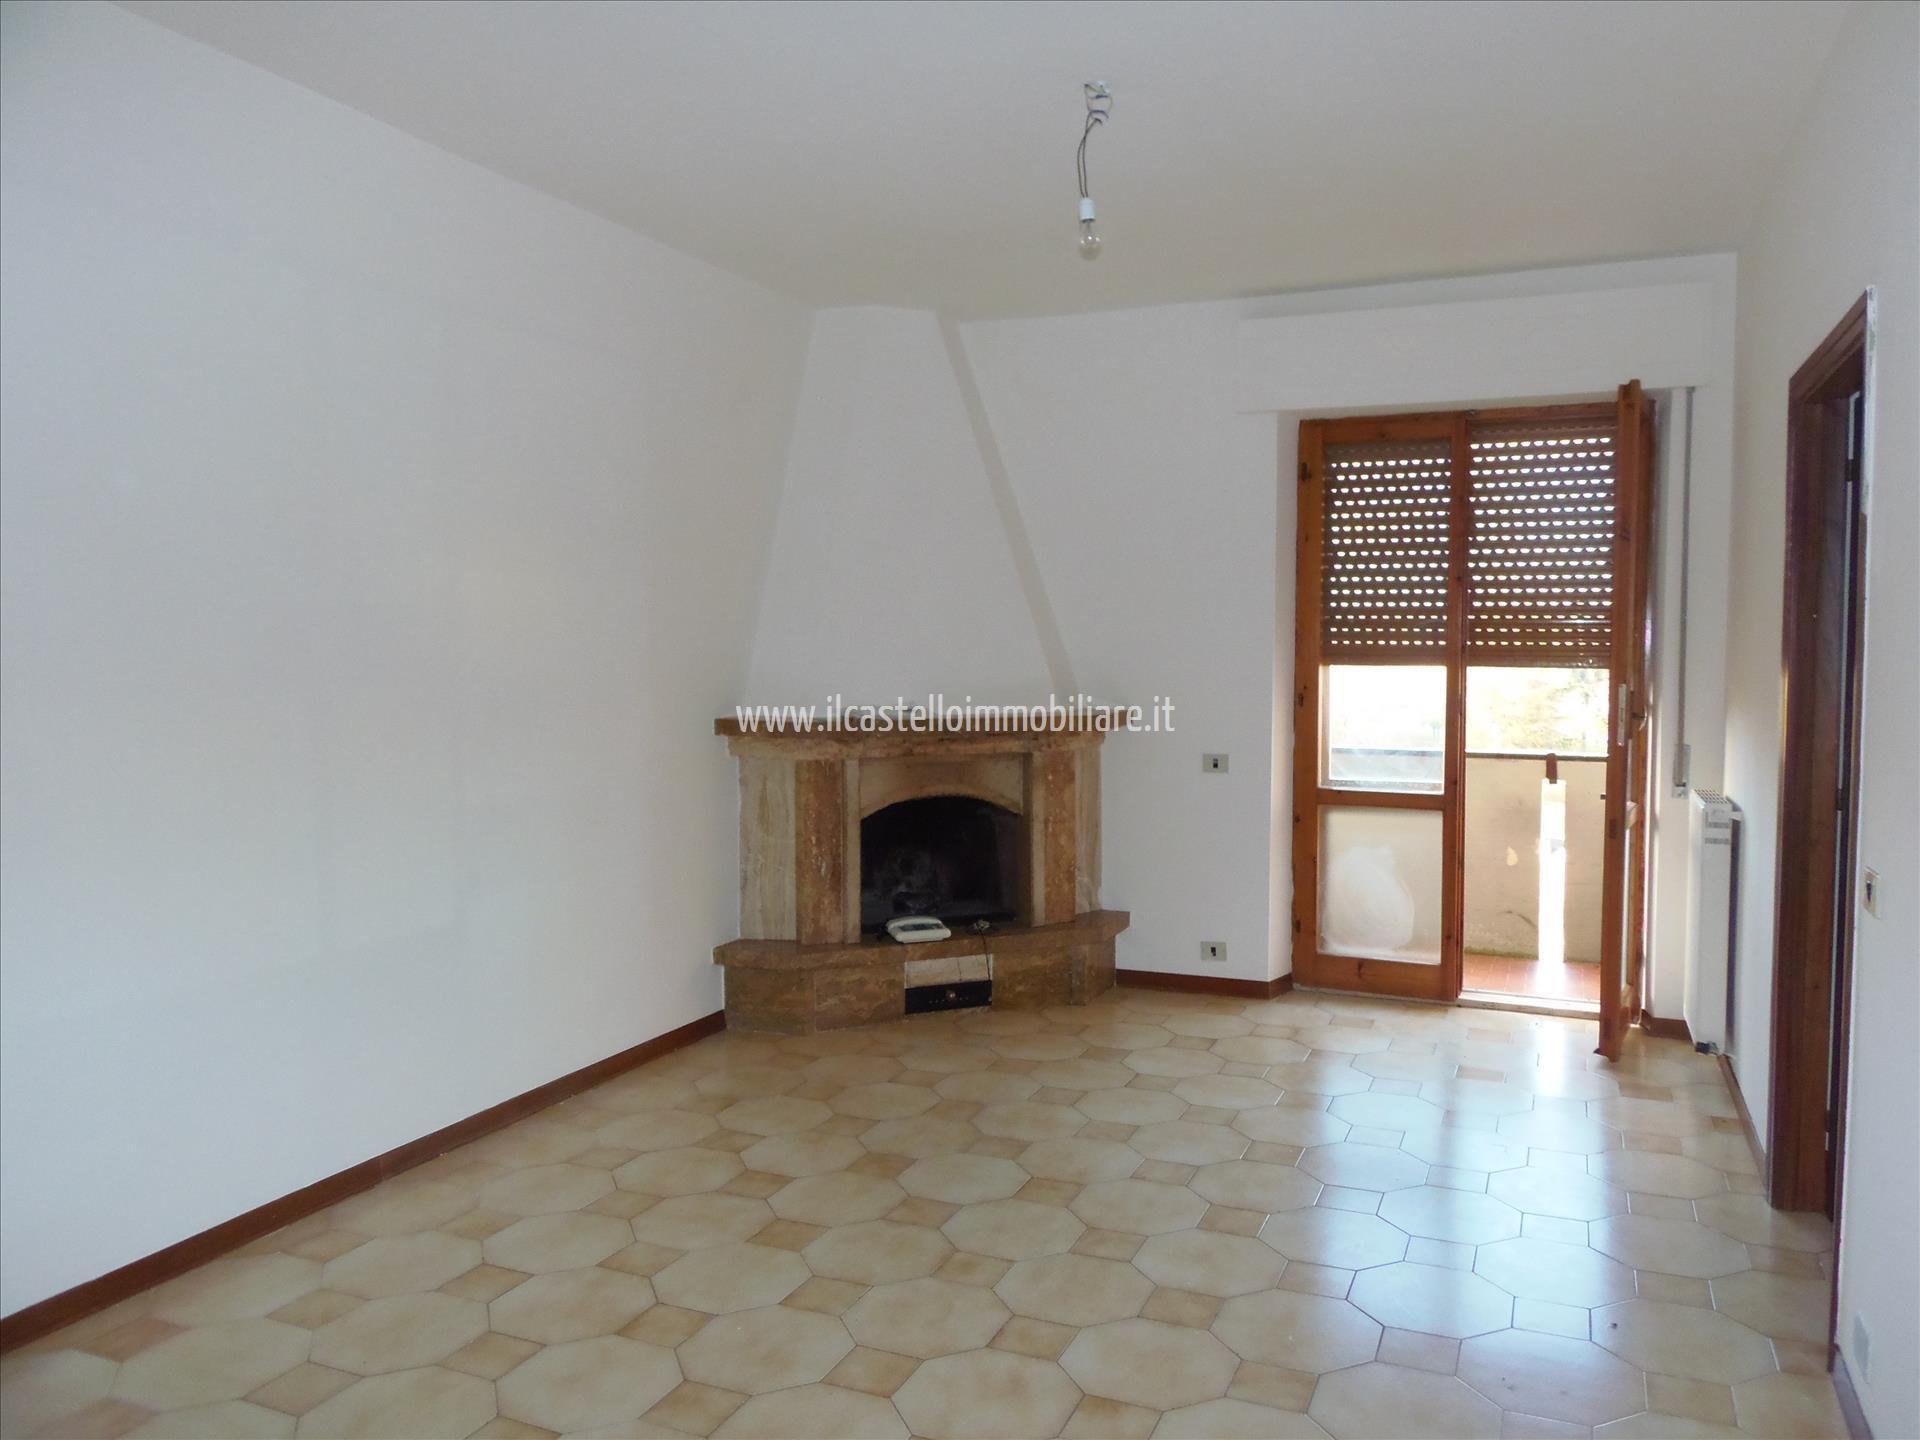 Appartamento con box doppio in larghezza a Sarteano - 01